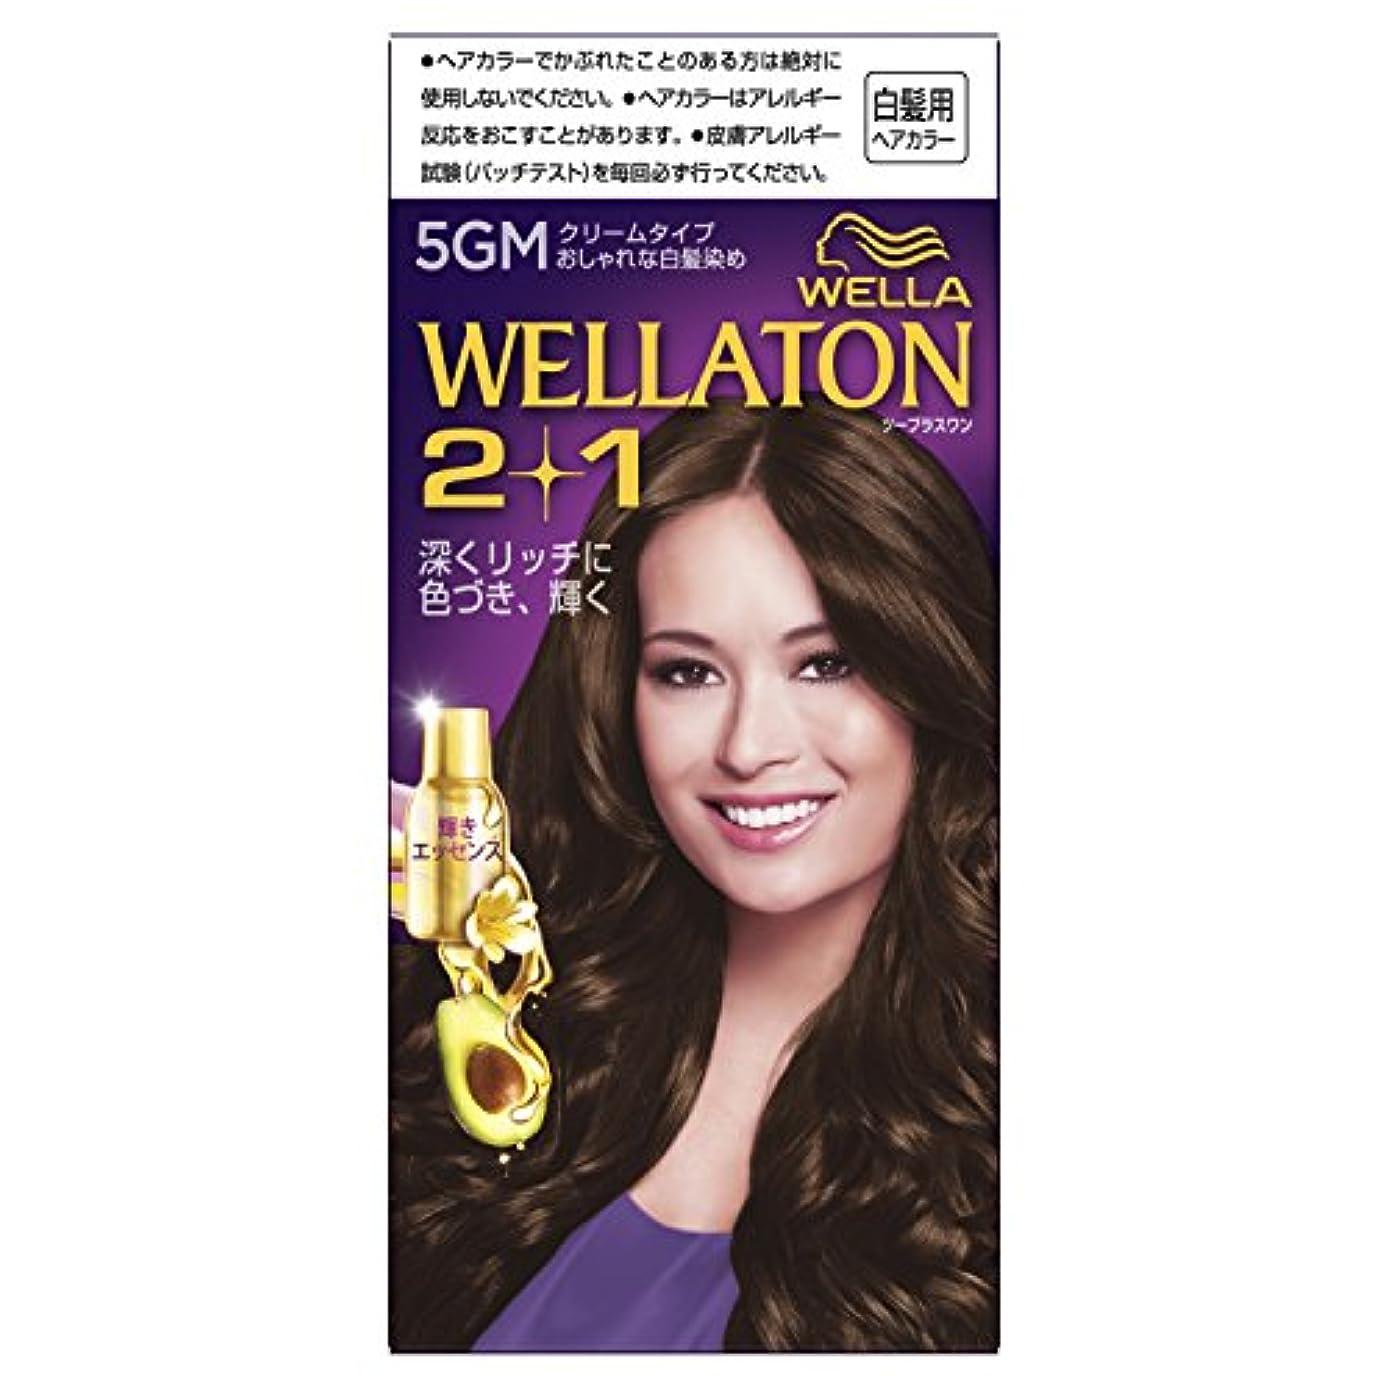 シエスタバルコニー人工的なウエラトーン2+1 クリームタイプ 5GM [医薬部外品](おしゃれな白髪染め)